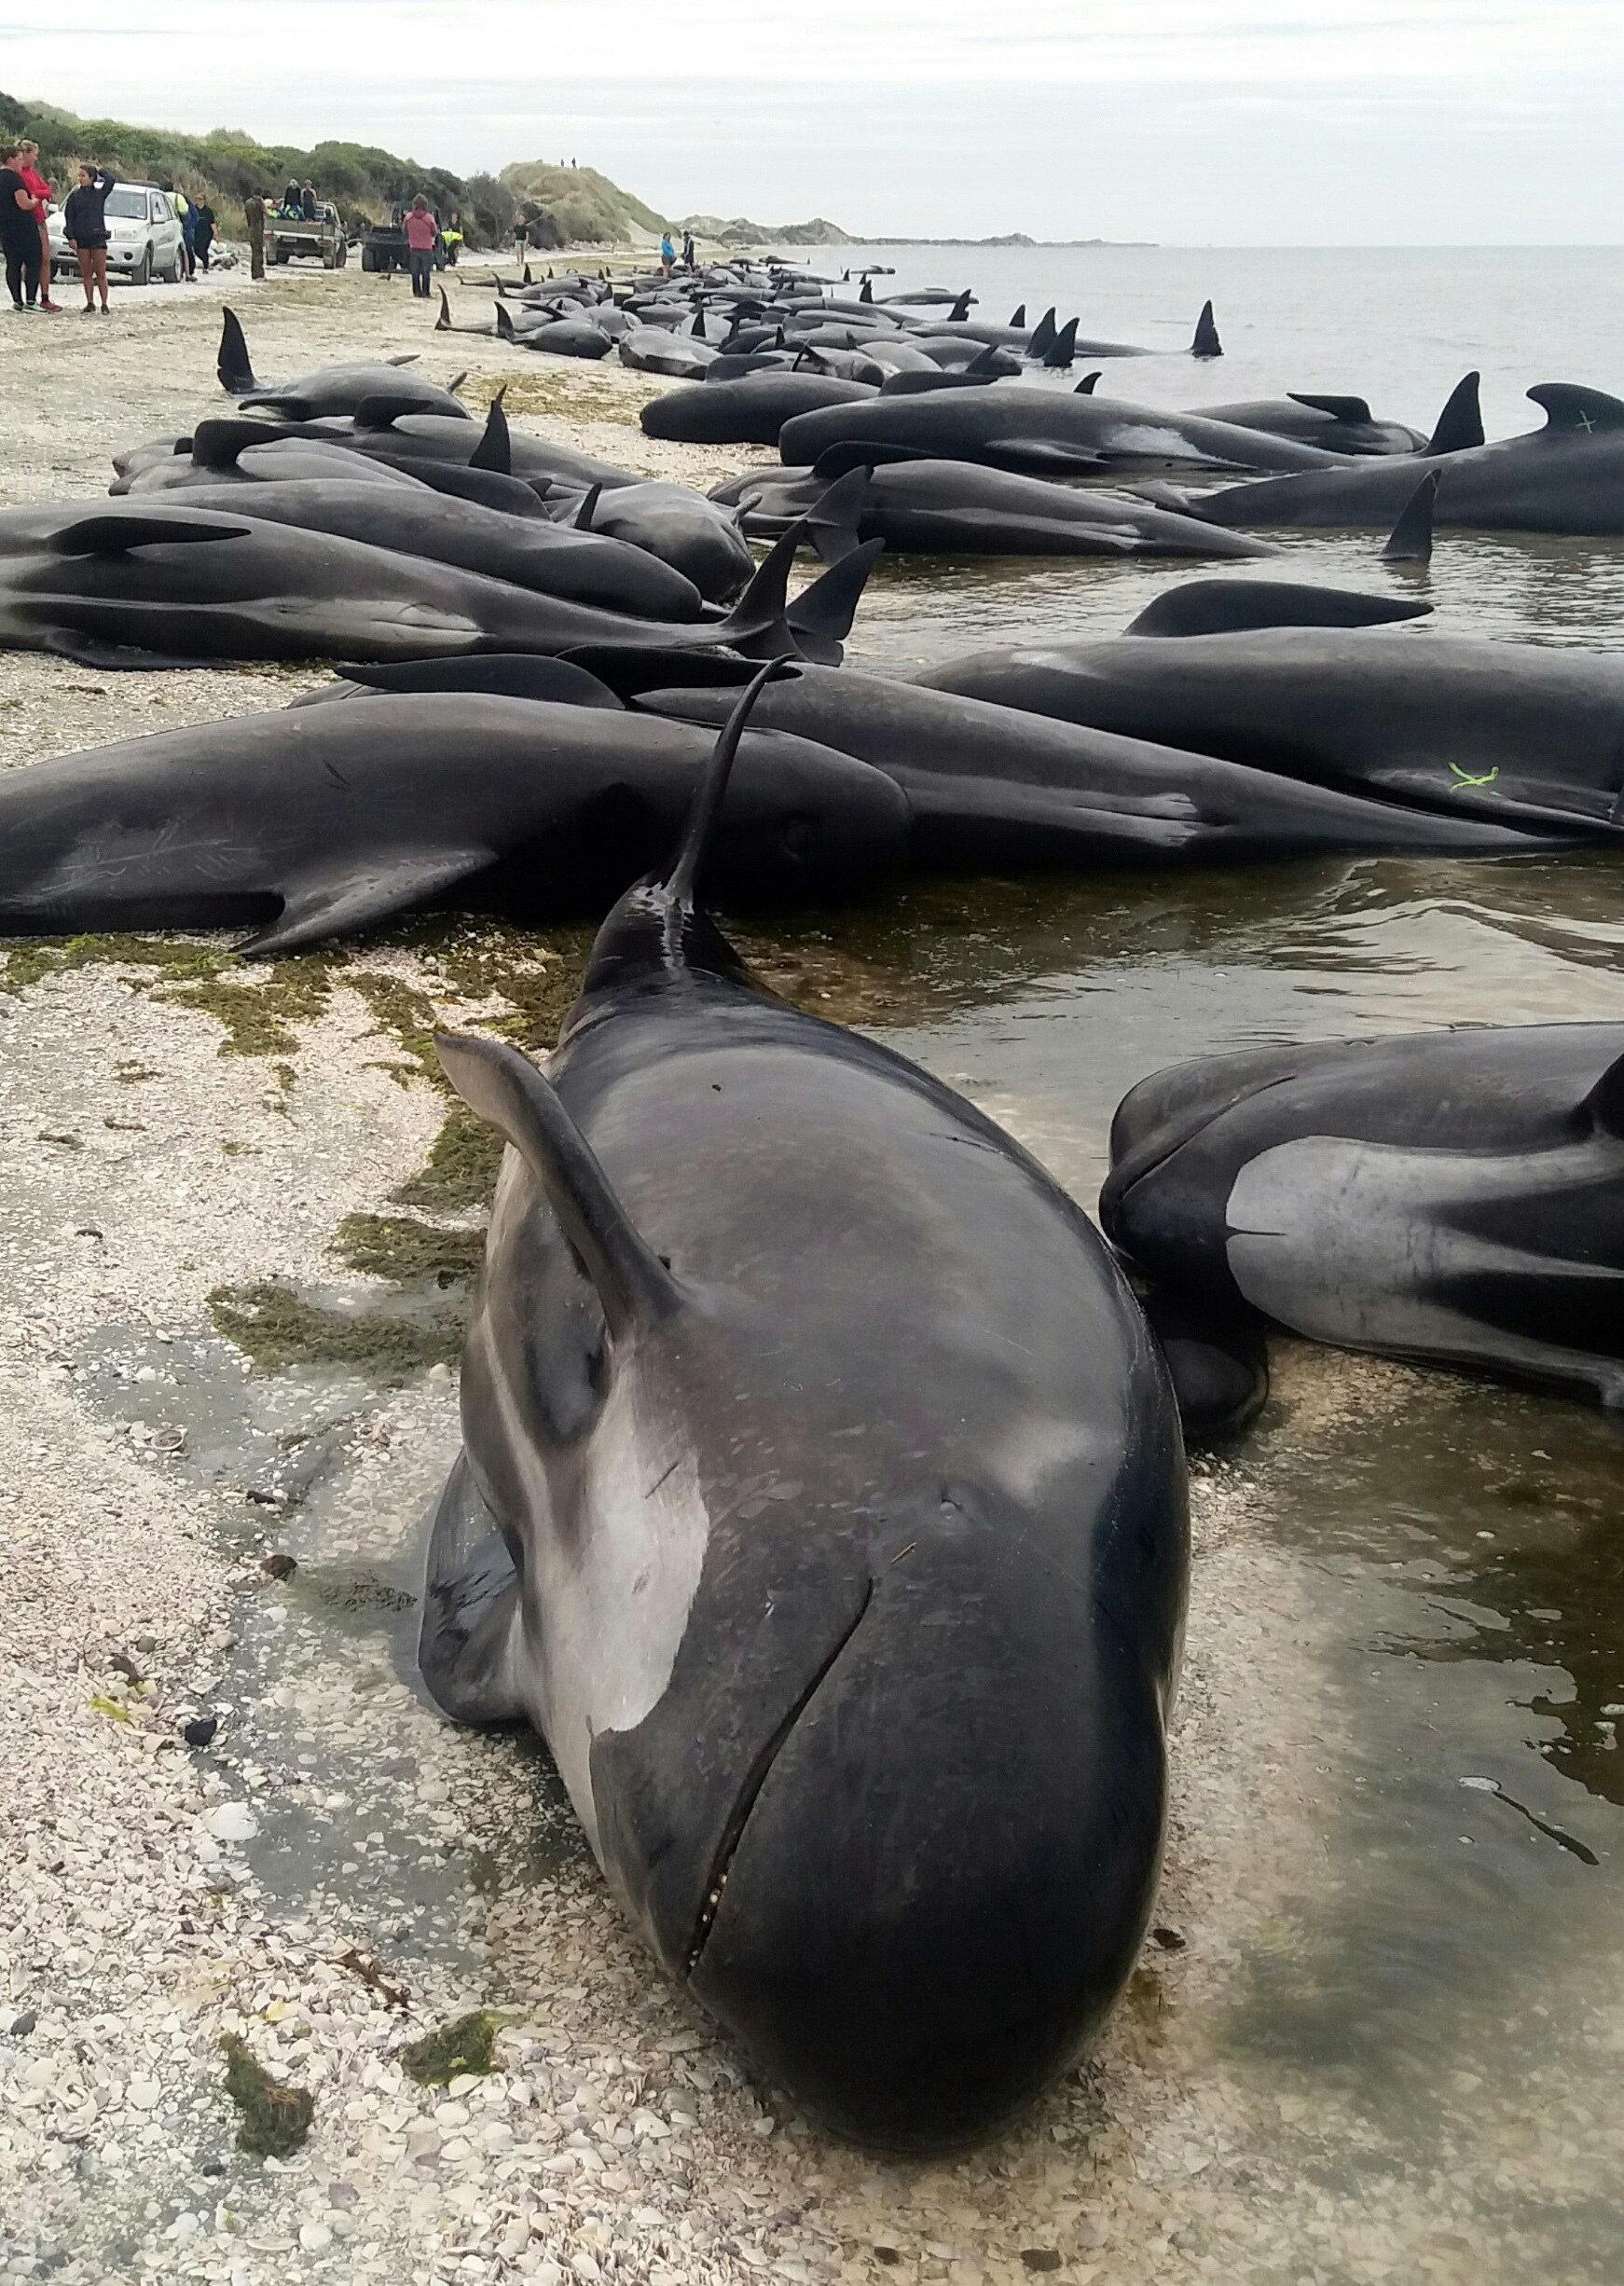 может кит выбросился на берег картинка есть фитнес-центр